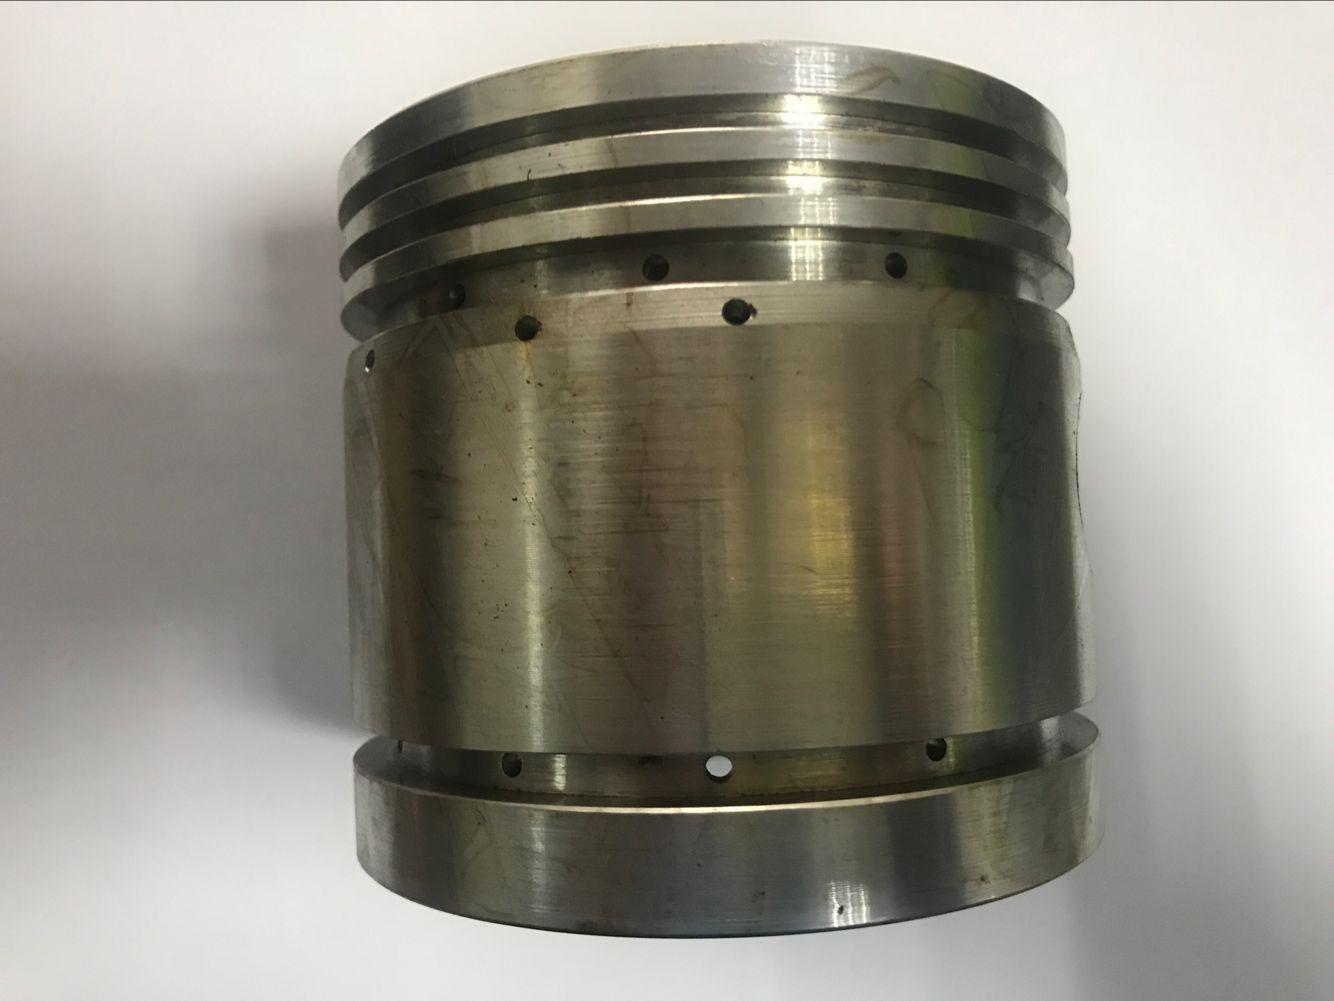 工厂直销 加工定制 东风康明斯6L活塞 多款型号活塞定制